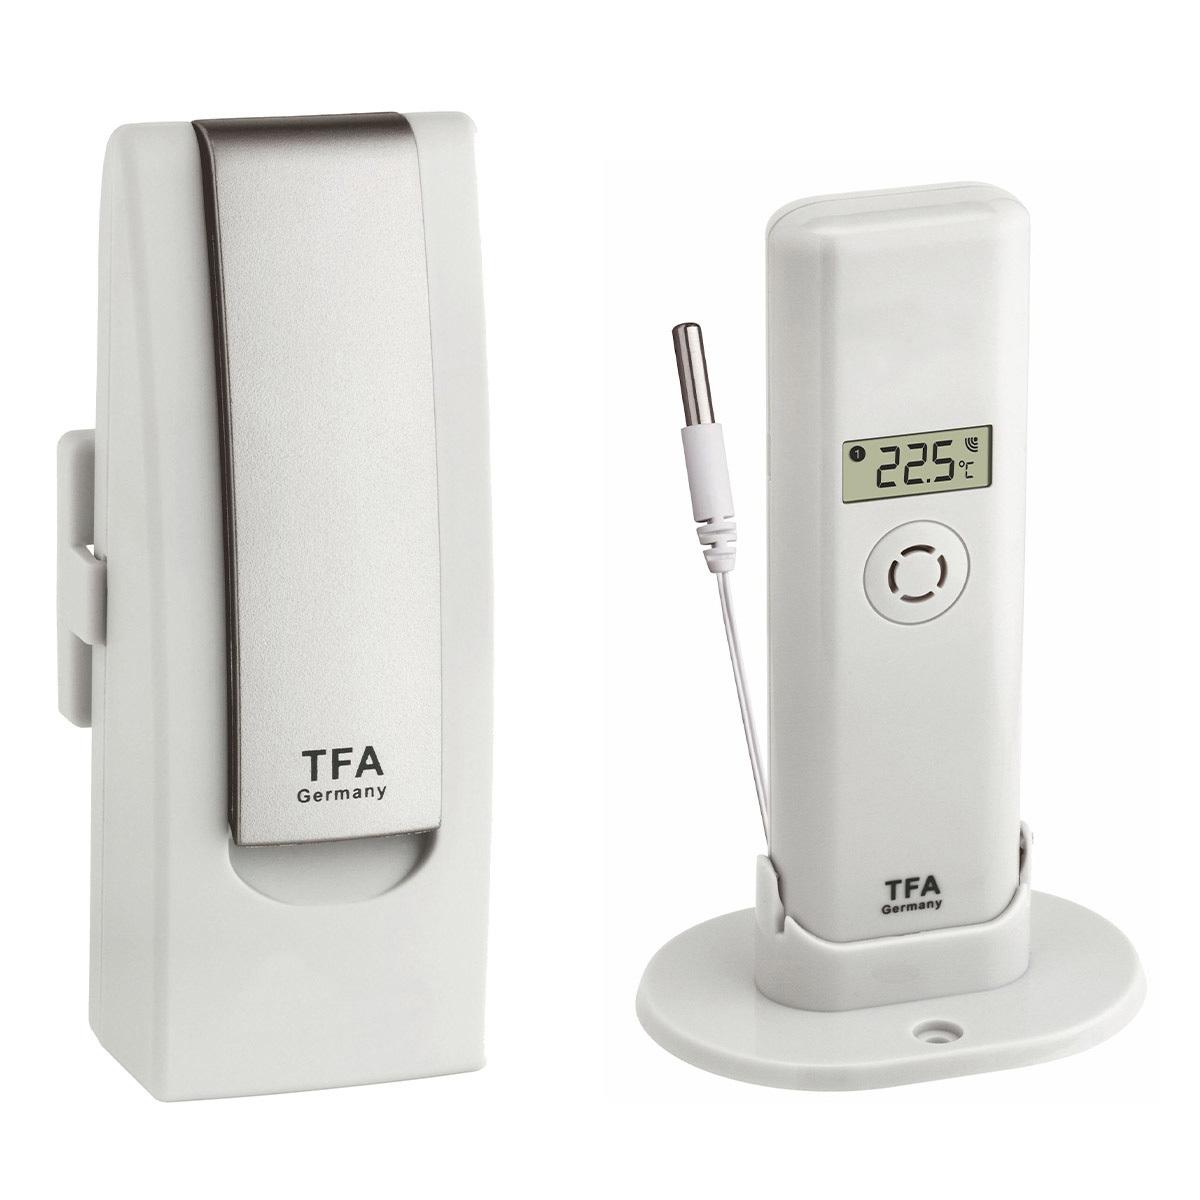 31-4011-02-starter-set-mit-temperatursender-mit-wasserfestem-kabelfühler-weatherhub-observer-sender-1200x1200px.jpg